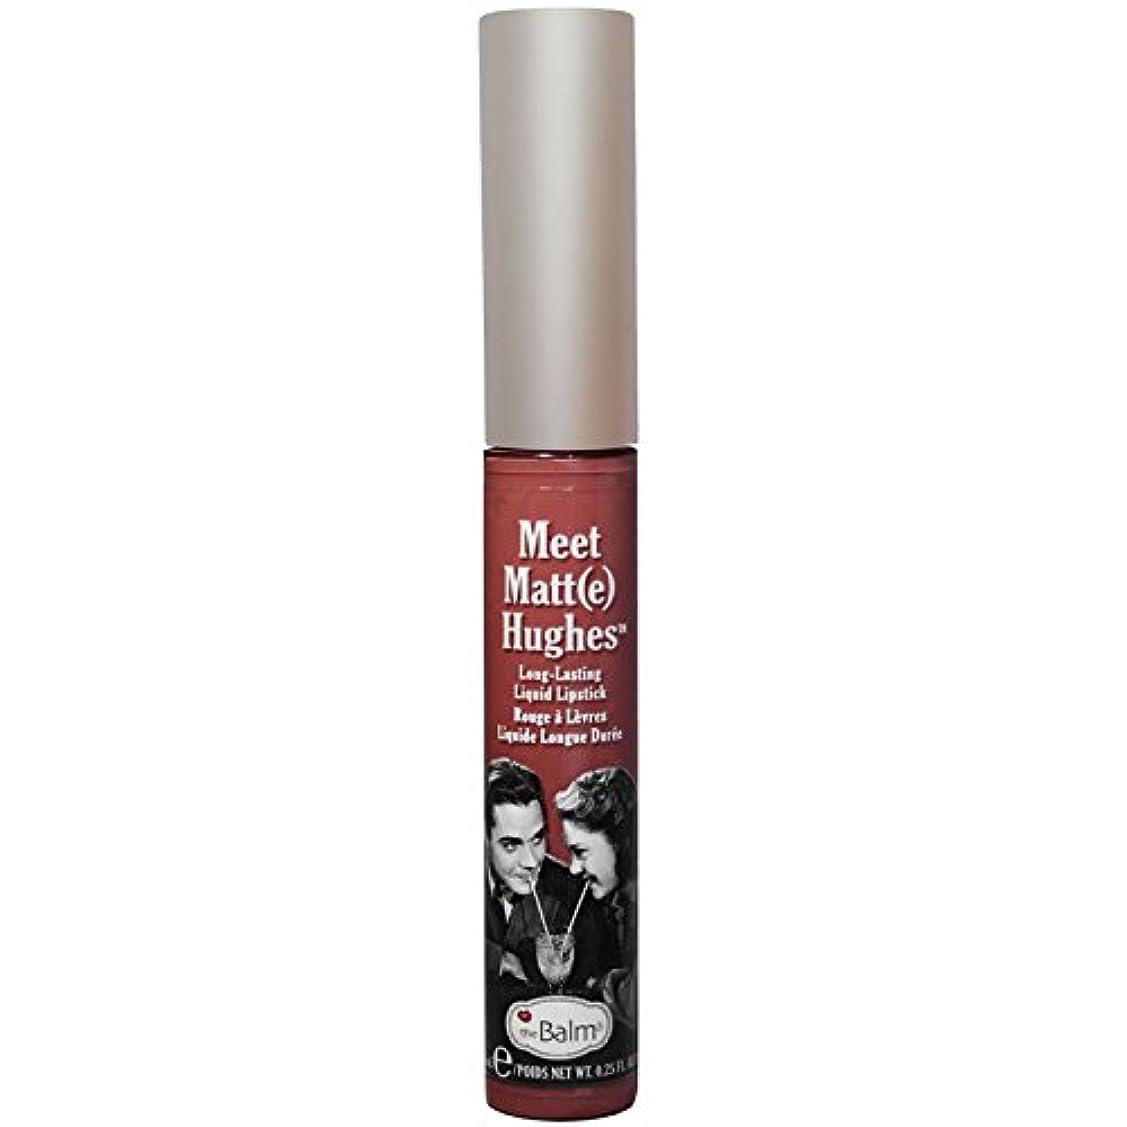 エラー心理的にタイムリーなtheBalm - Meet Matt(e) Hughes Long-Lasting Liquid Lipstick Trustworthy [並行輸入品]